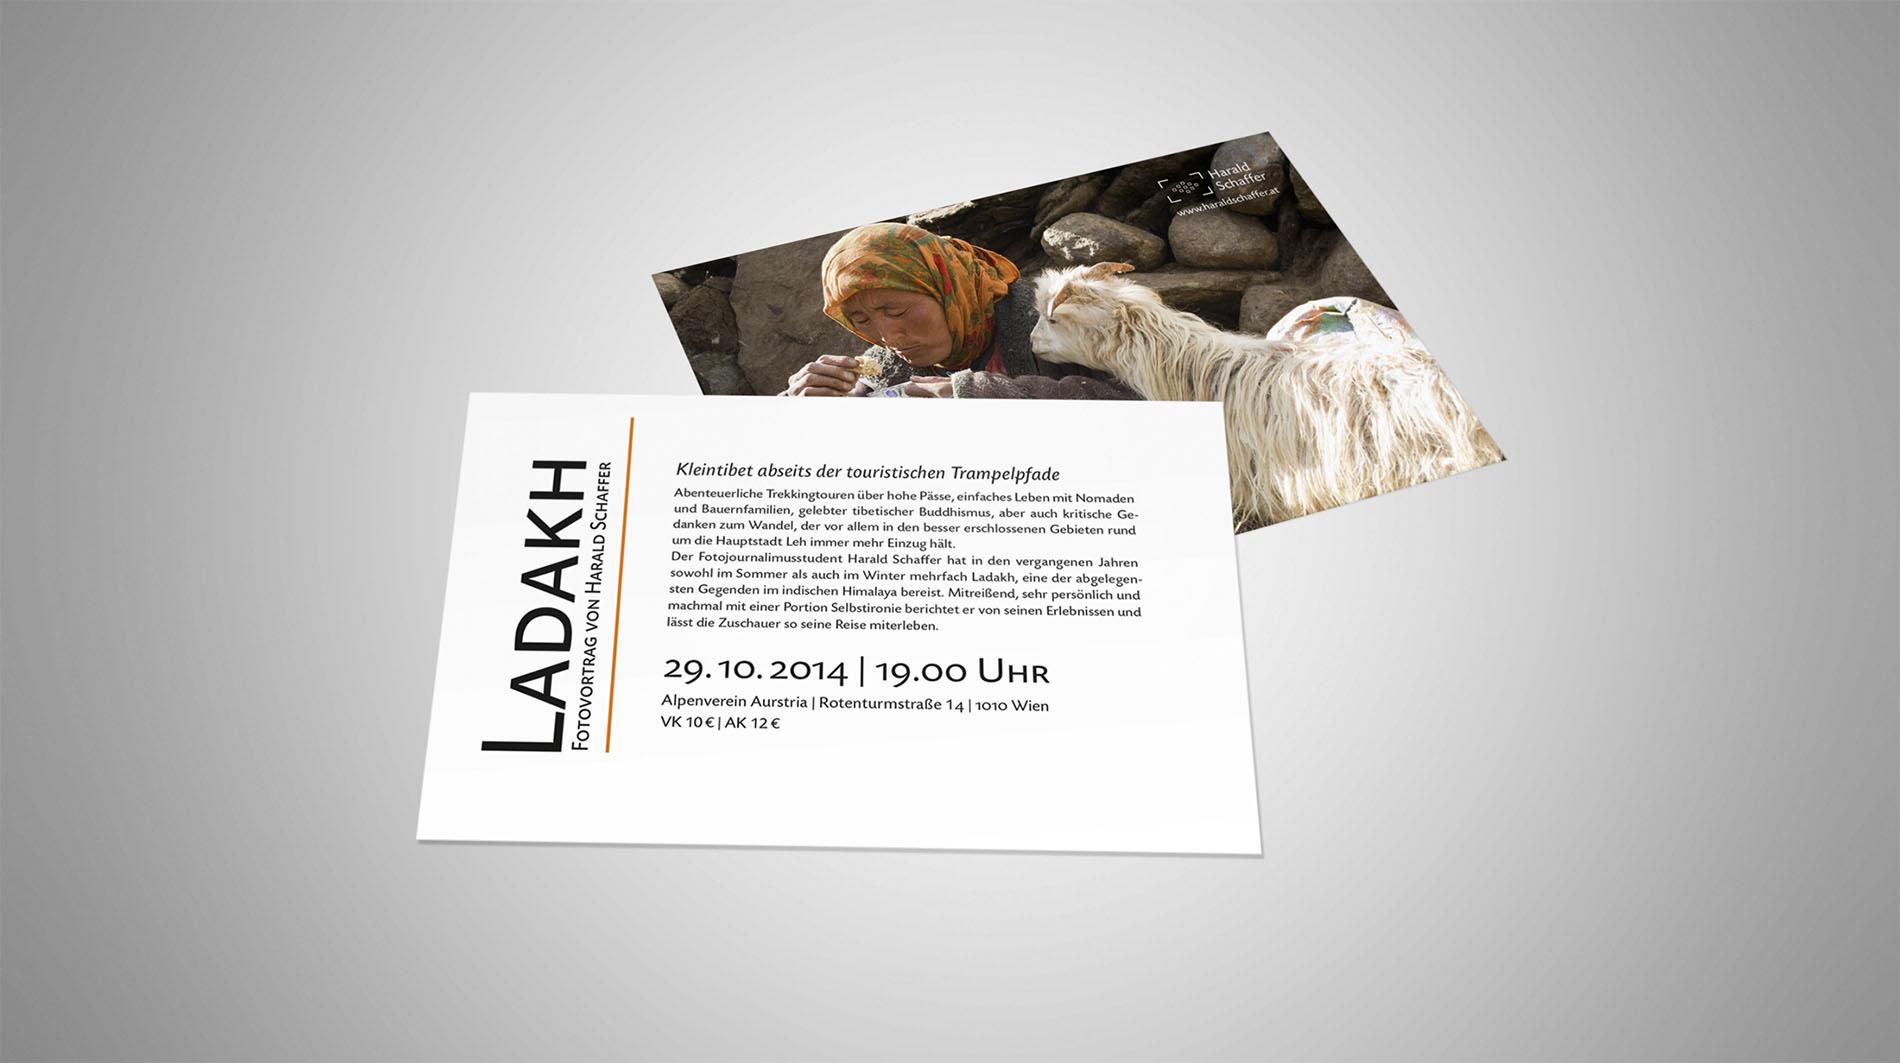 CD Harald Schaffer   Flyer zum Vortrag Ladakh